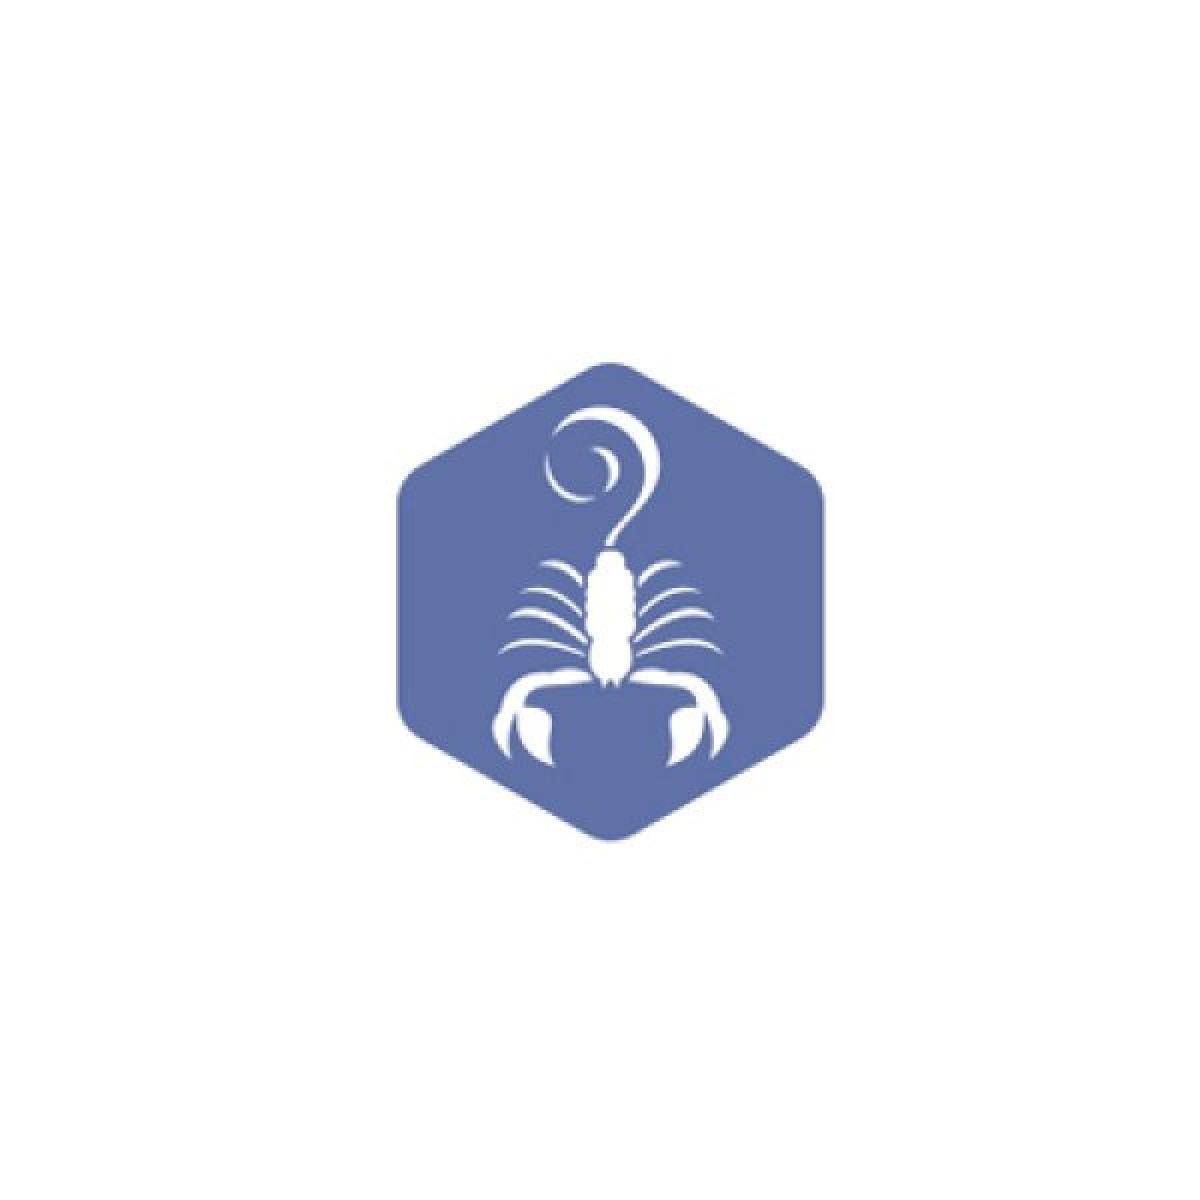 ராசிபலன் - பிப்ரவரி 26 முதல் மார்ச் 11 -ம் தேதி வரை